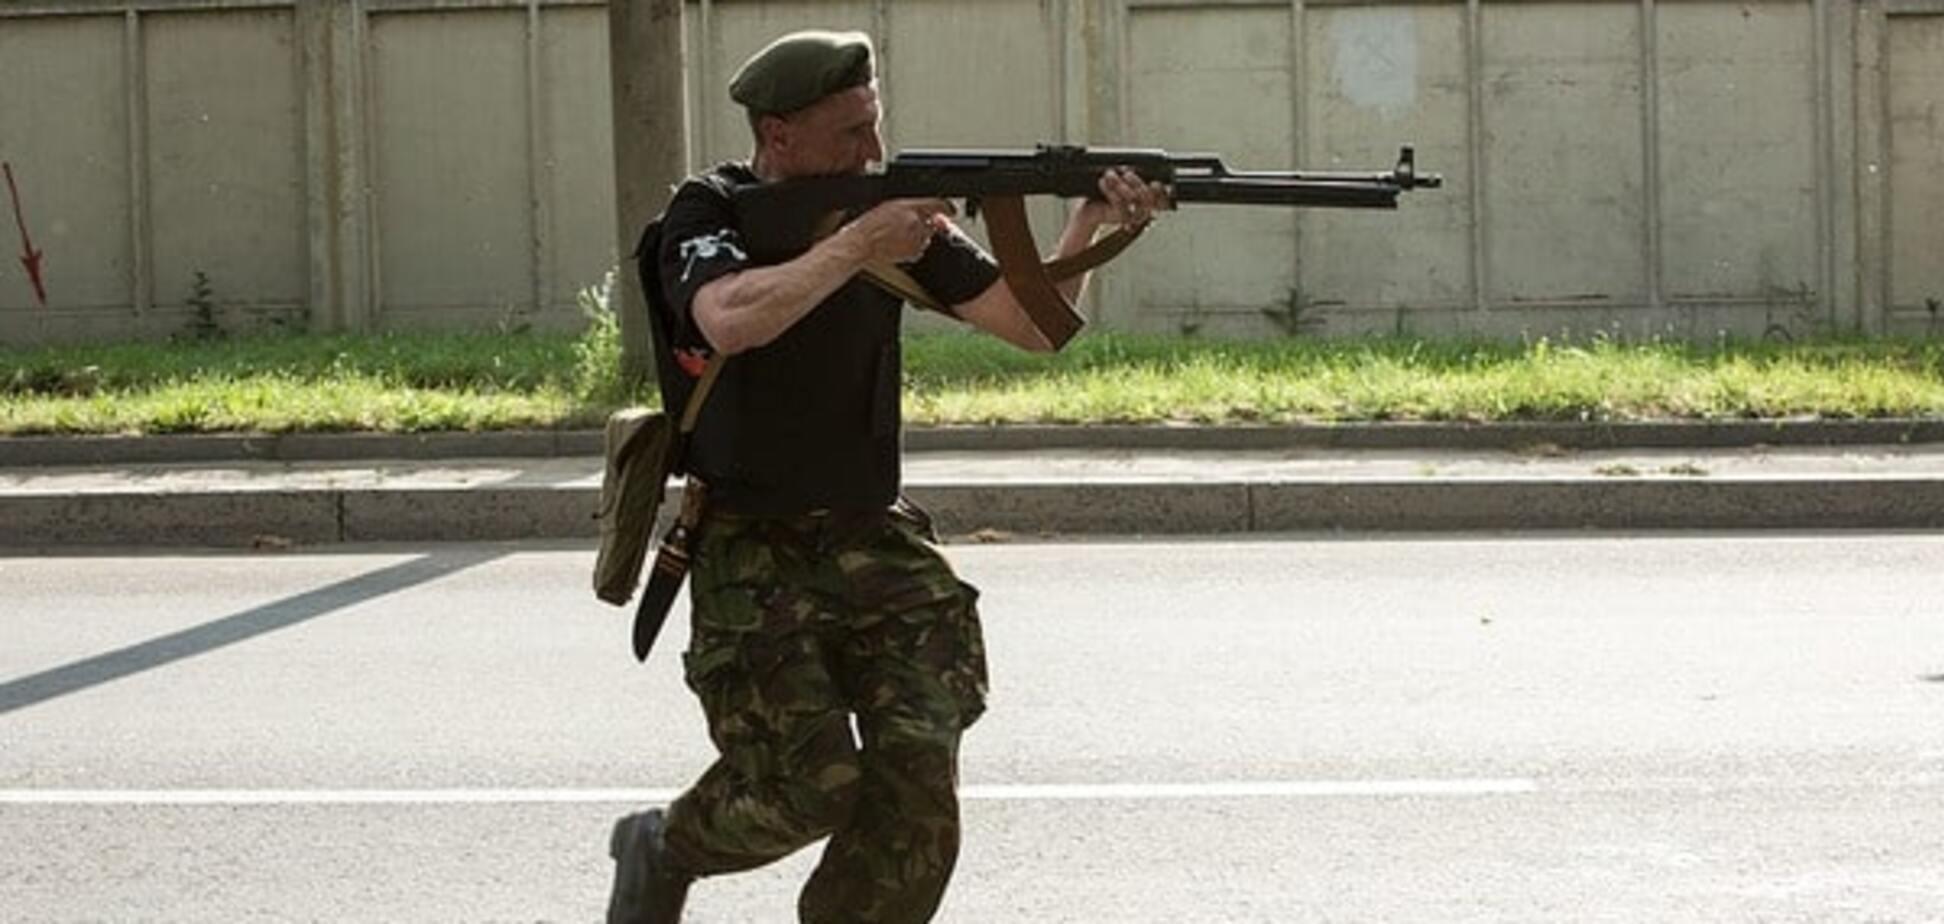 Много раненых: разведка сообщила о новых потерях российских военных на Донбассе